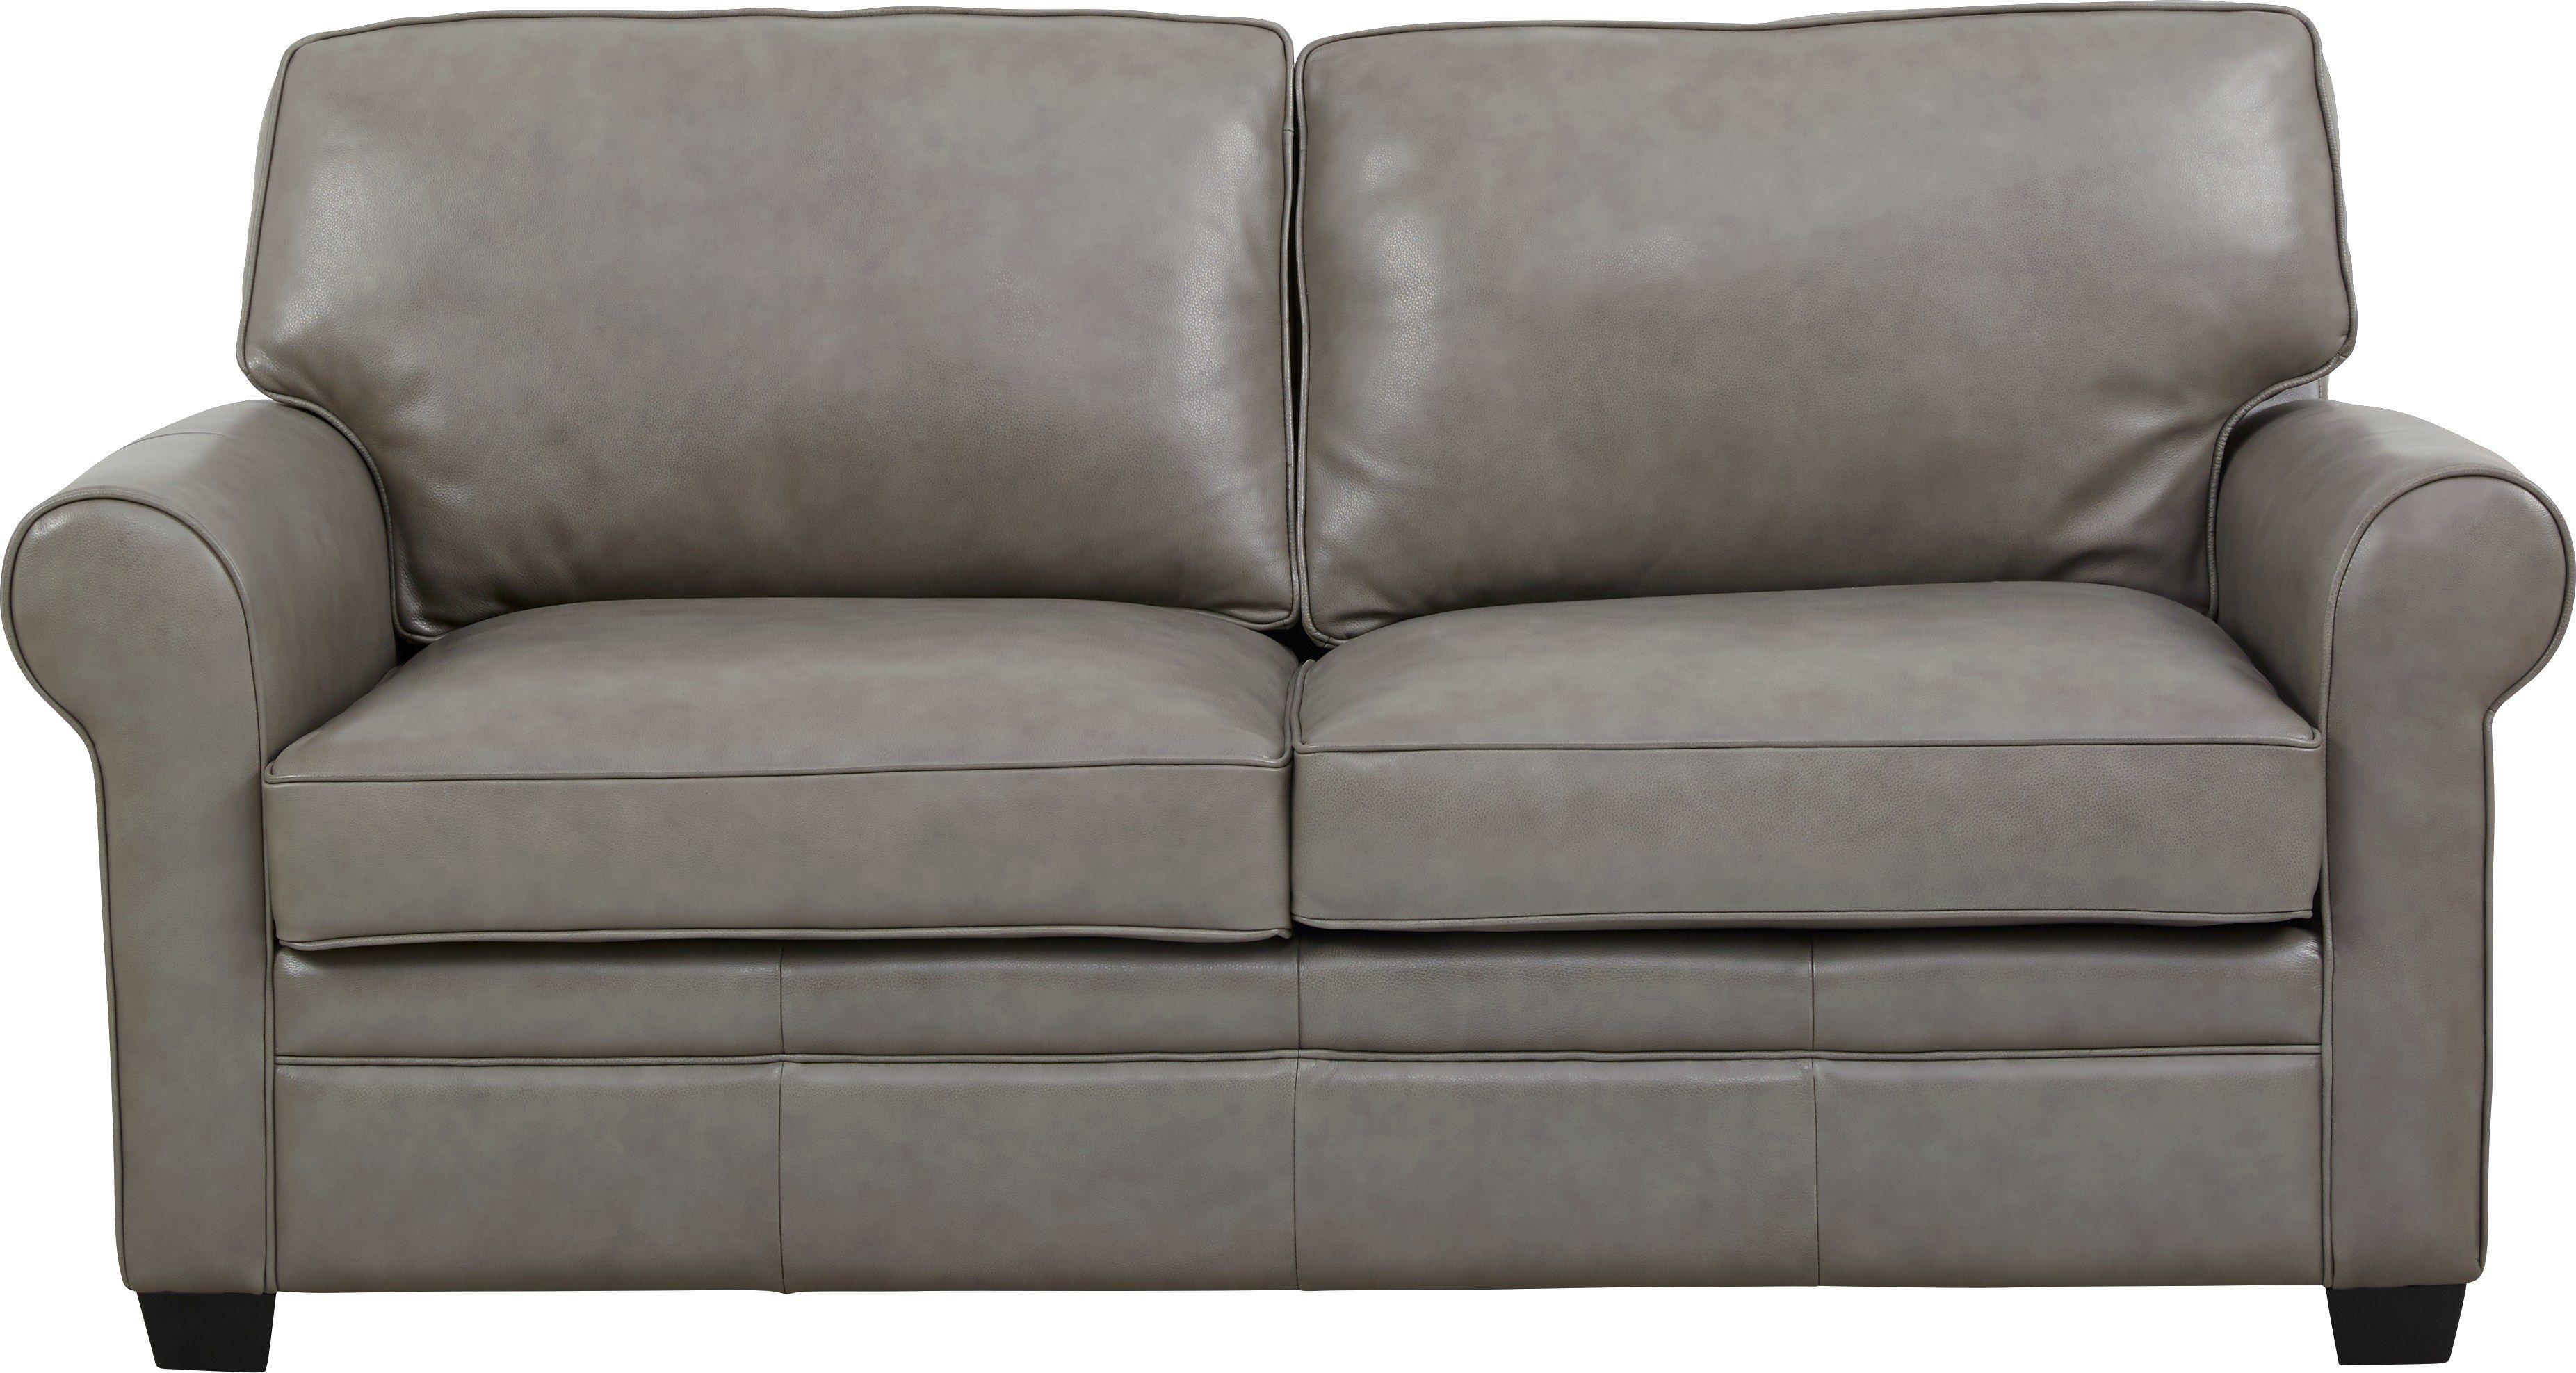 Nikola Place Gray Leather Sleeper Loveseat Loveseat Sleeper Love Seat Grey Leather